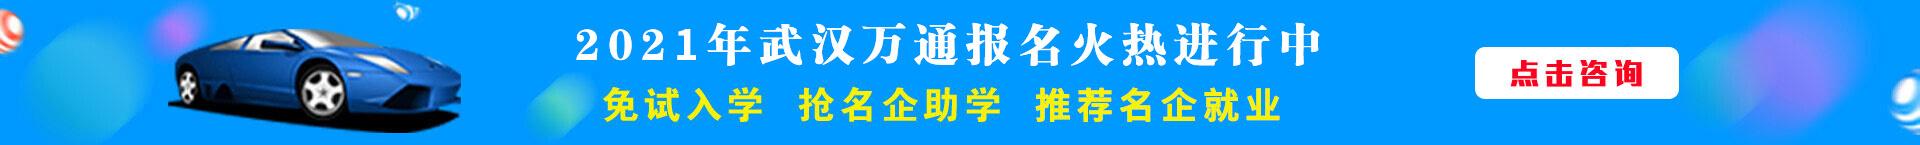 夏秋季预报名-武汉万通汽车学校